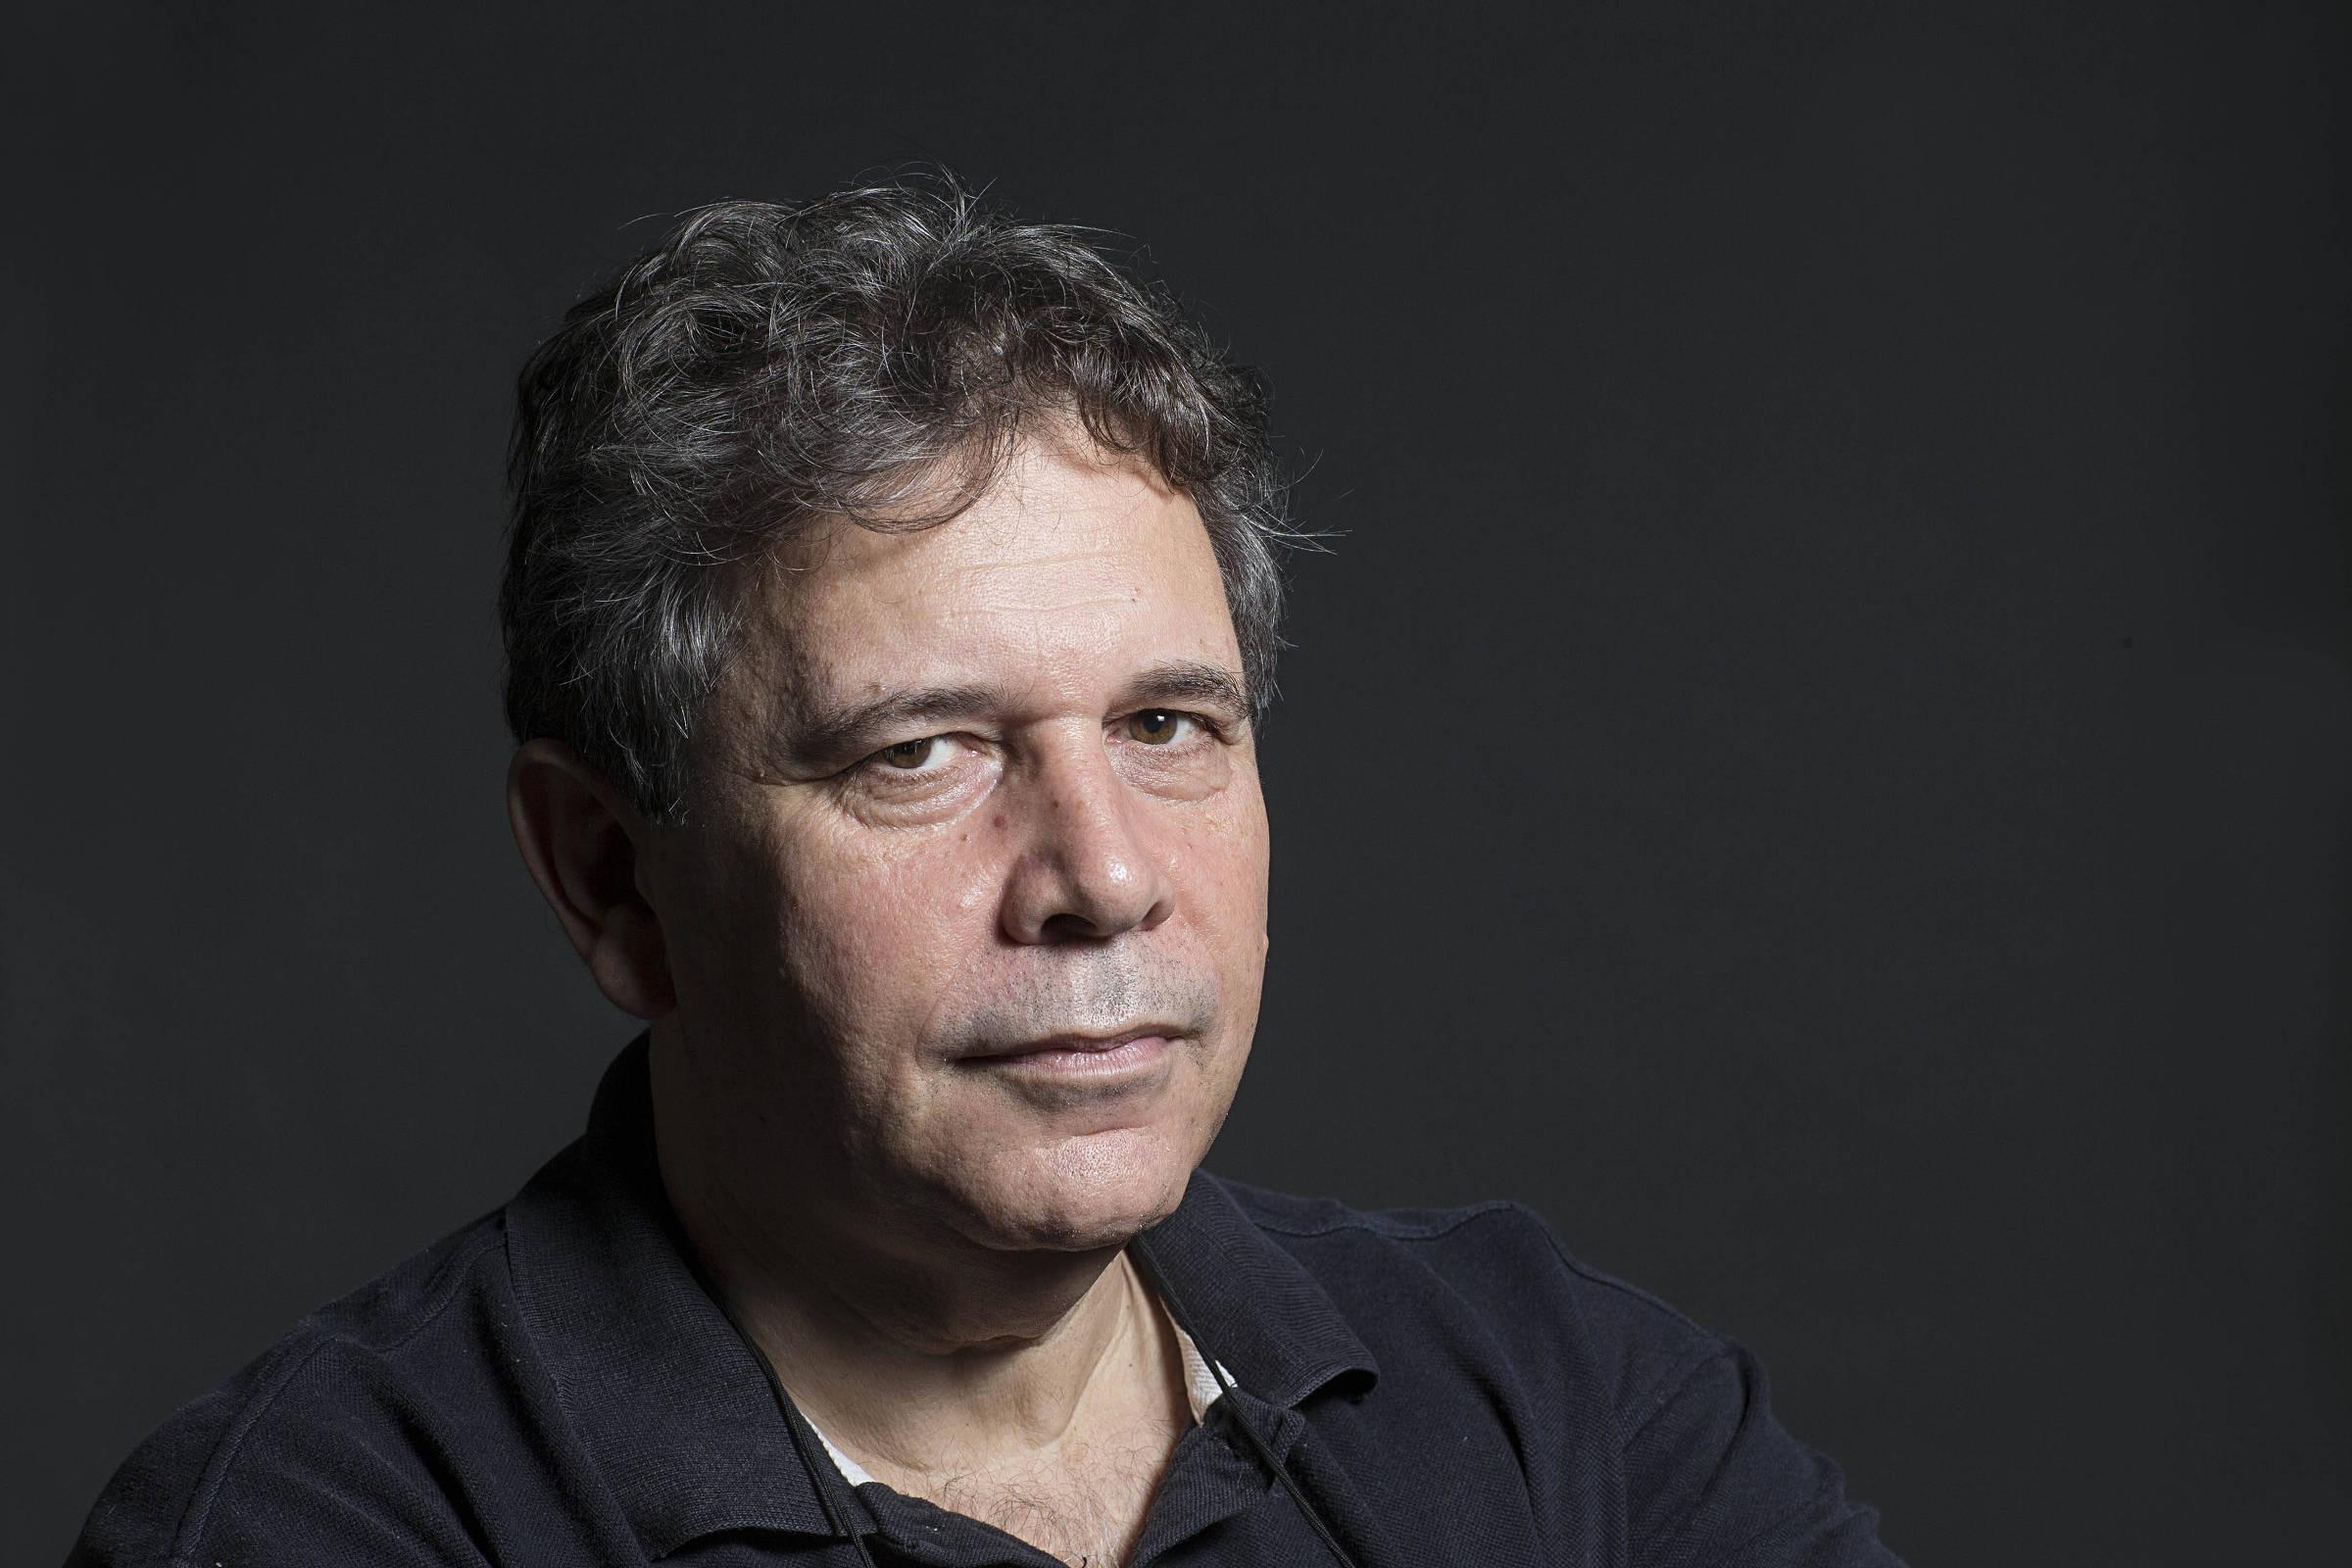 Fallece a los 63 años Maurício Tuffani, un referente del periodismo científico en el país – 31/05/2021 – Ciencia / Brasil